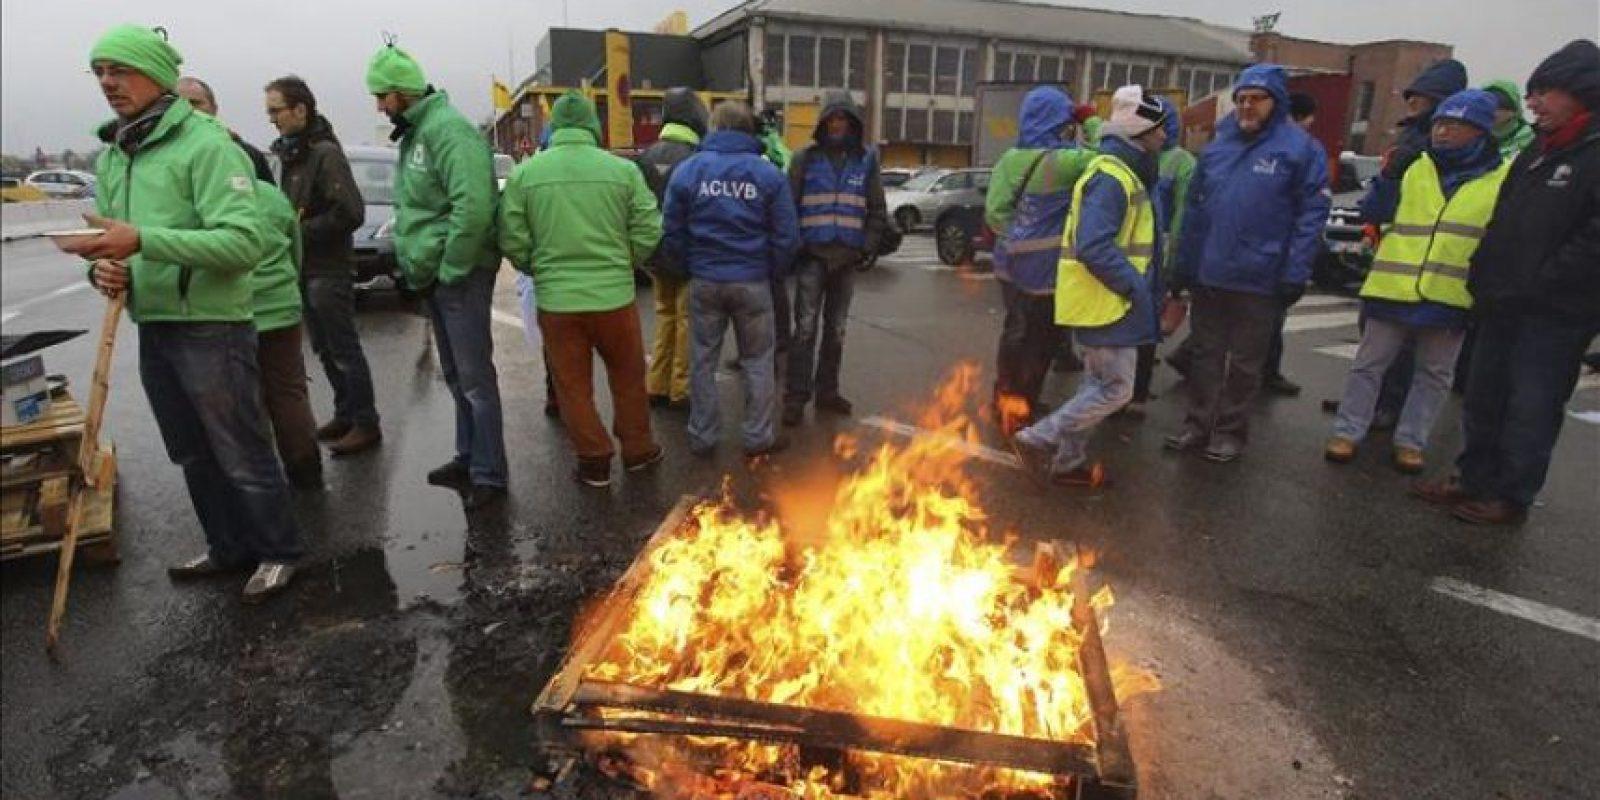 Trabajadores en huelga protestan hoy ante la sede de DHL en Zaventem (Bélgica). Bélgica amanece hoy paralizada por una huelga general que afecta a todos los sectores, en protesta por las medidas de austeridad que quiere aplicar el nuevo Gobierno liberal, que incluyen el retraso de la edad de jubilación y la paralización de la indexación salarial que hasta ahora era anual. EFE